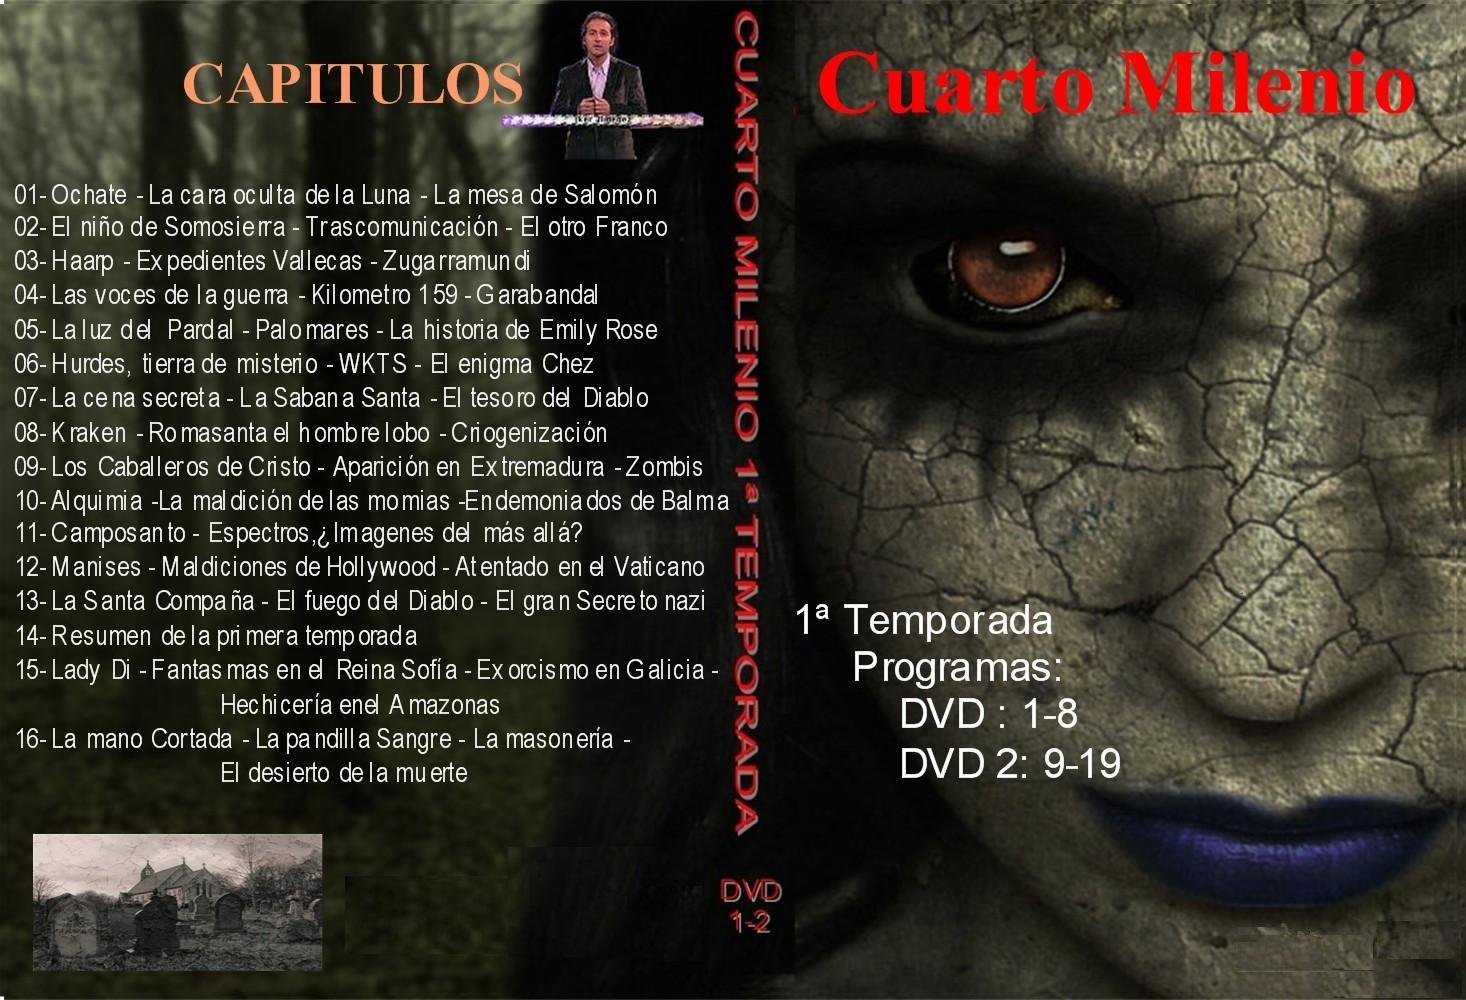 LAS CLAVES DEL MISTERIO: CUARTO MILENIO 1 ª temporada